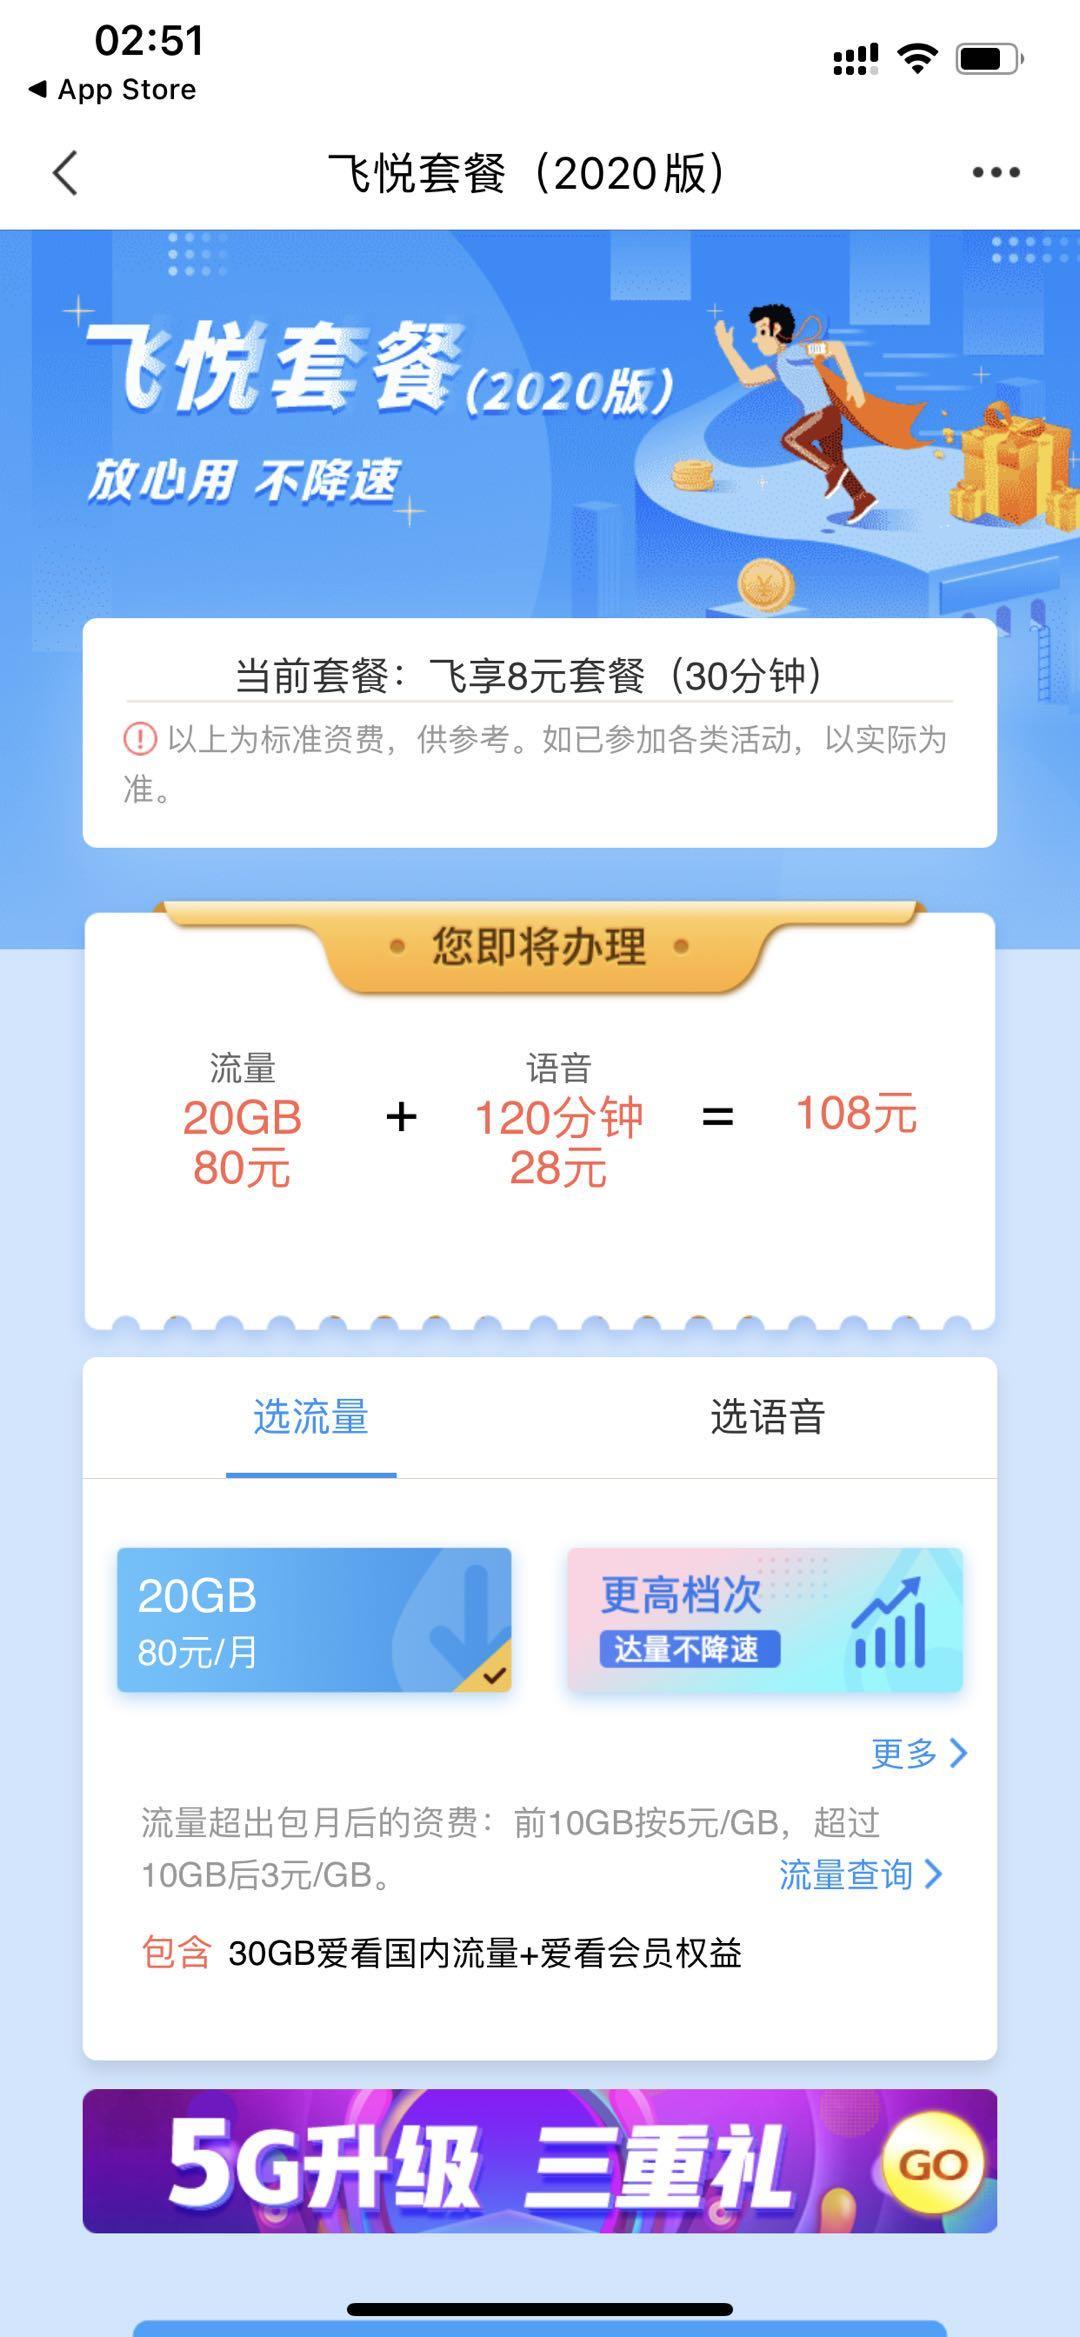 中国移动 5g套餐_运营商从线上渠道下架多款4G套餐为5G让路 只可亲临营业厅办理|5G ...